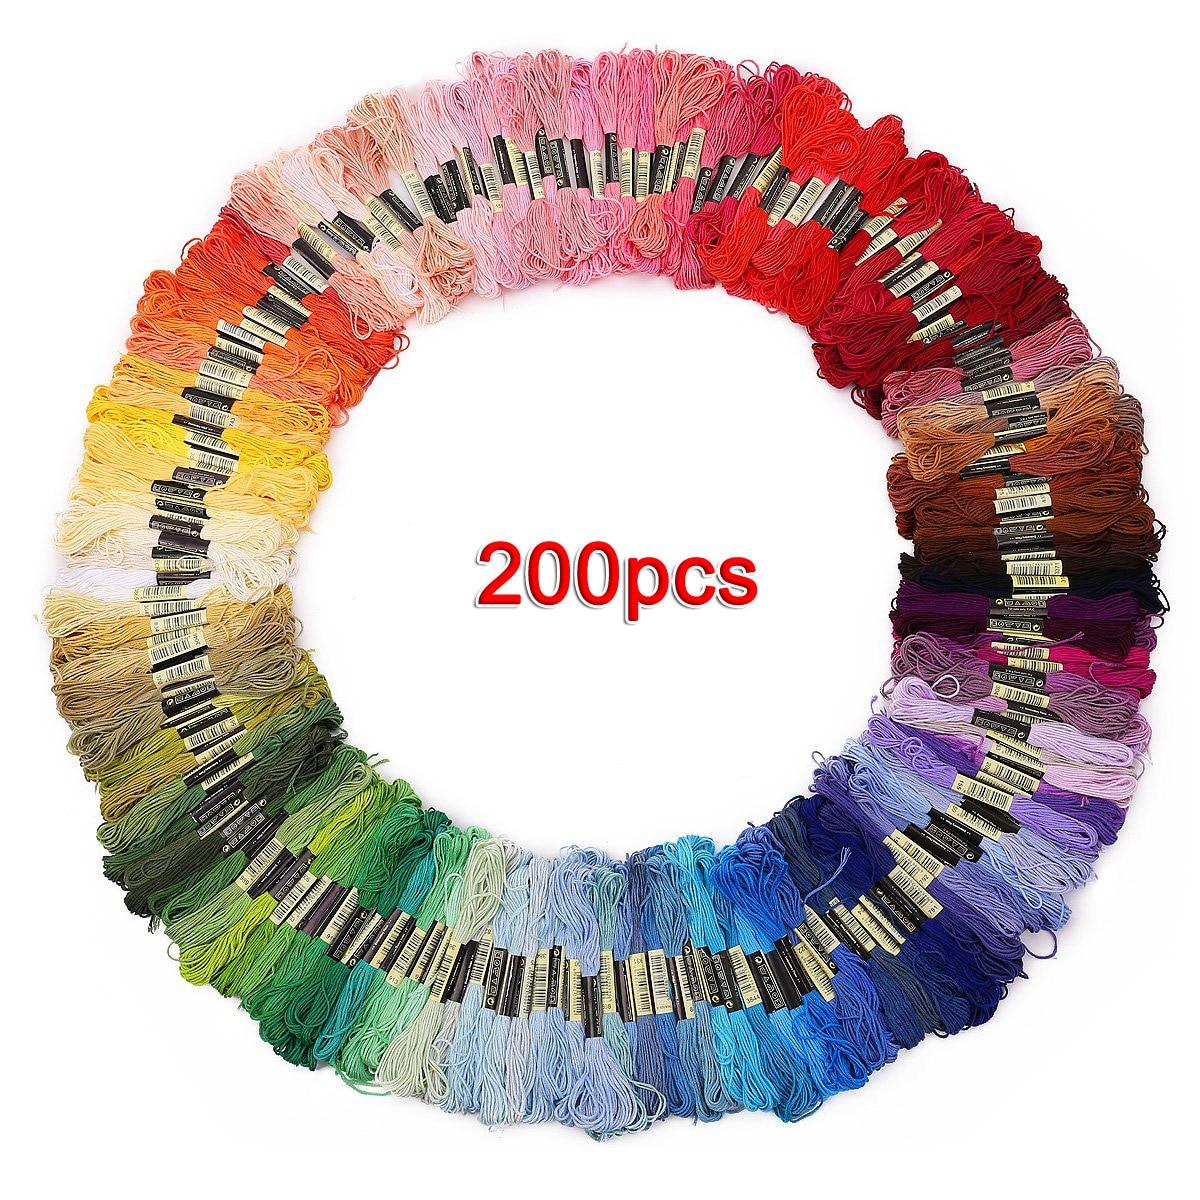 200 madejas de hilo multicolor para la puntada cruzada bordado crocheting